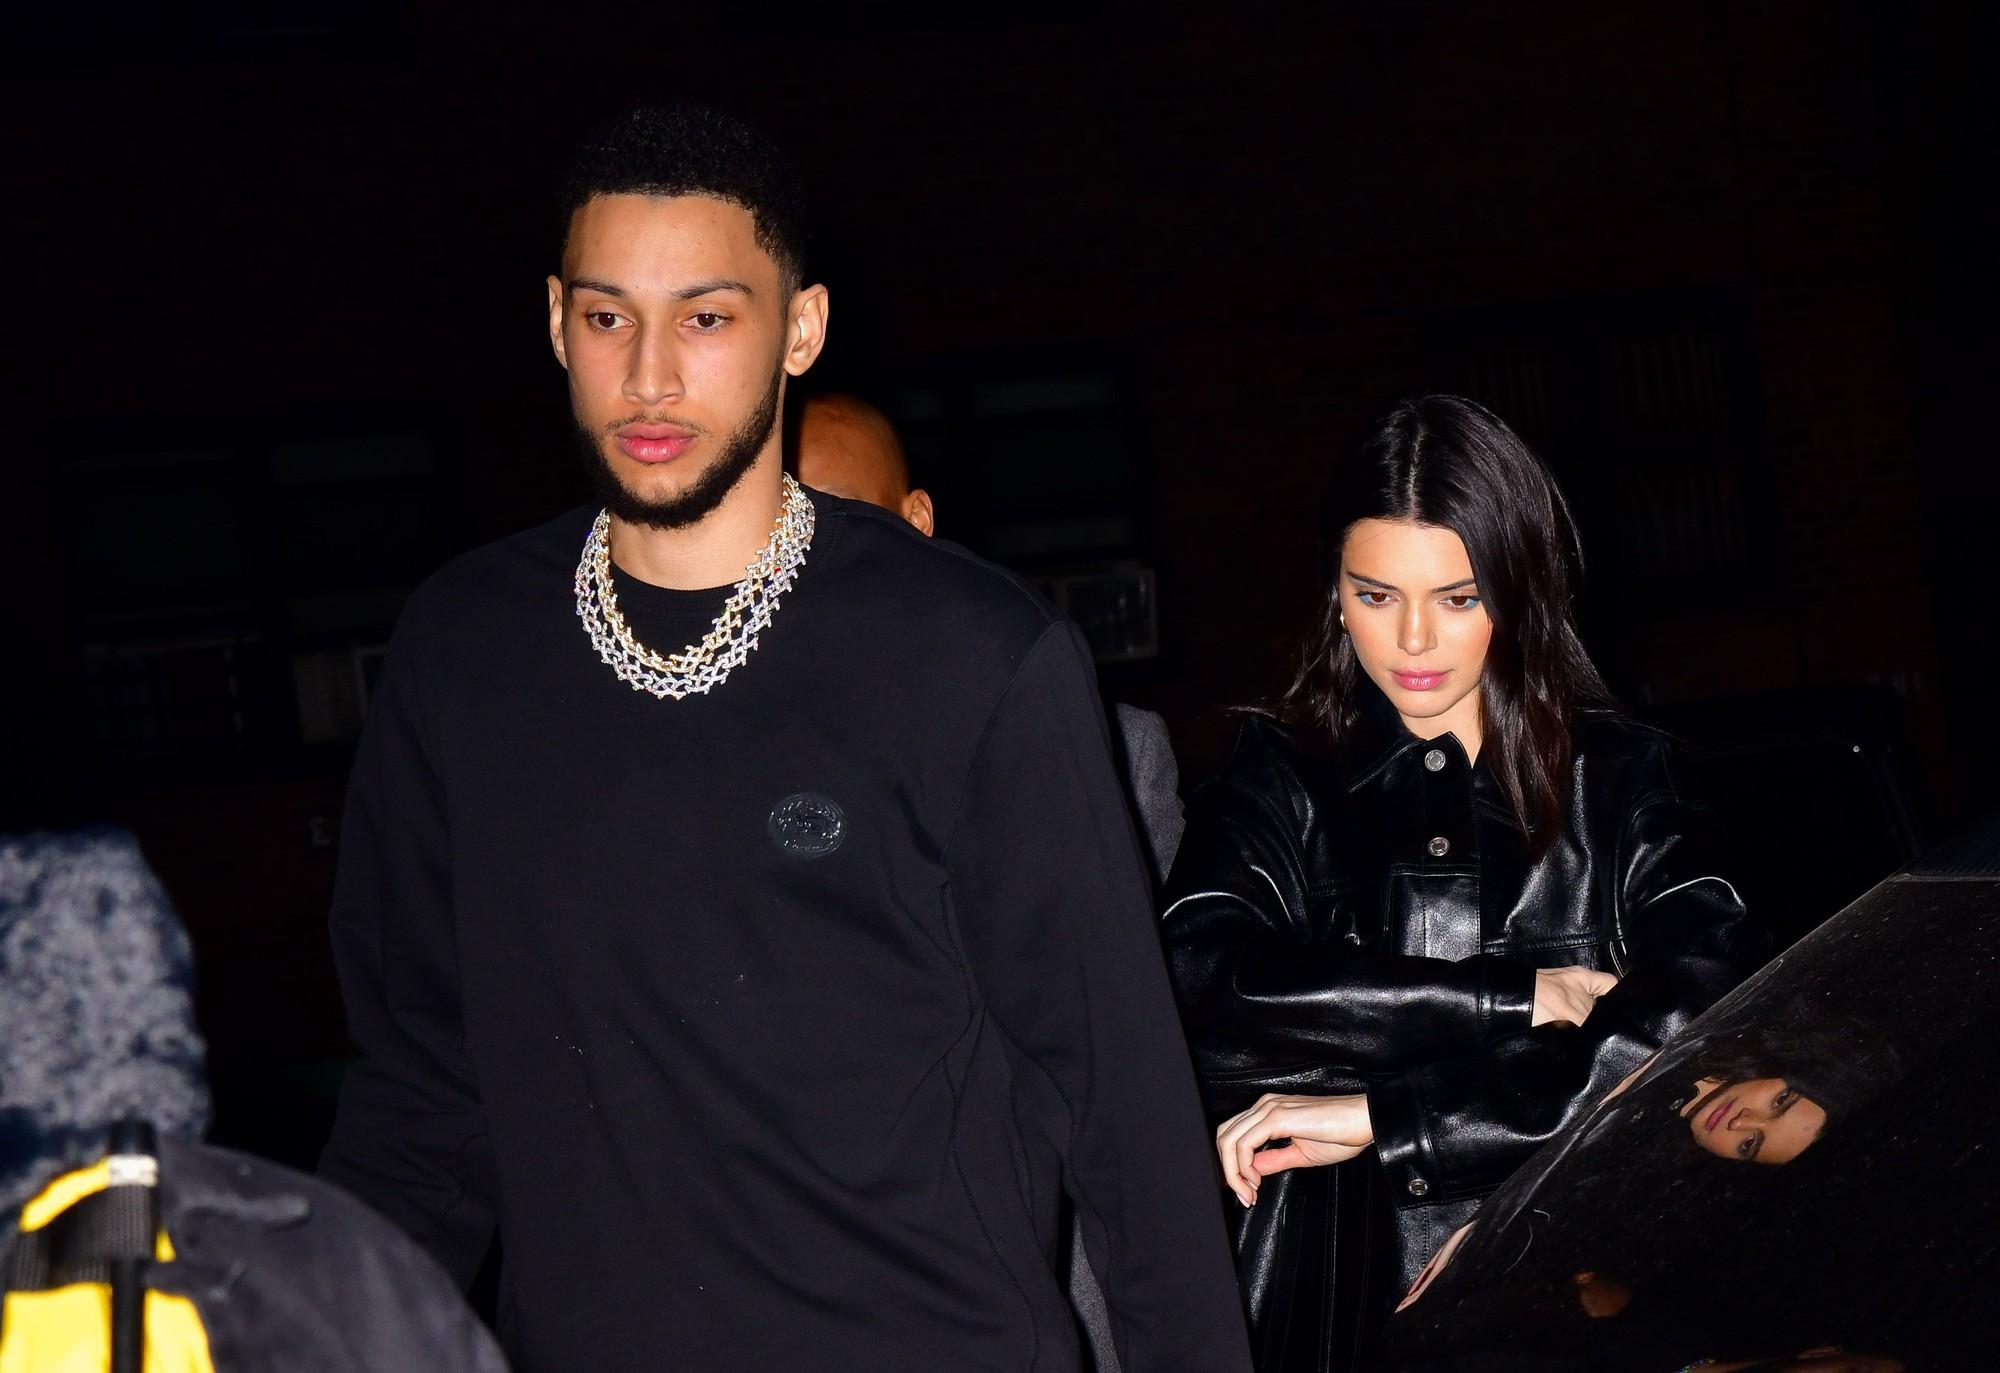 Ơn giời giữa dàn chị em Kardashian đuề huề con cái, Kendall Jenner đã có ý định kết hôn và đây là đối tượng - Ảnh 2.